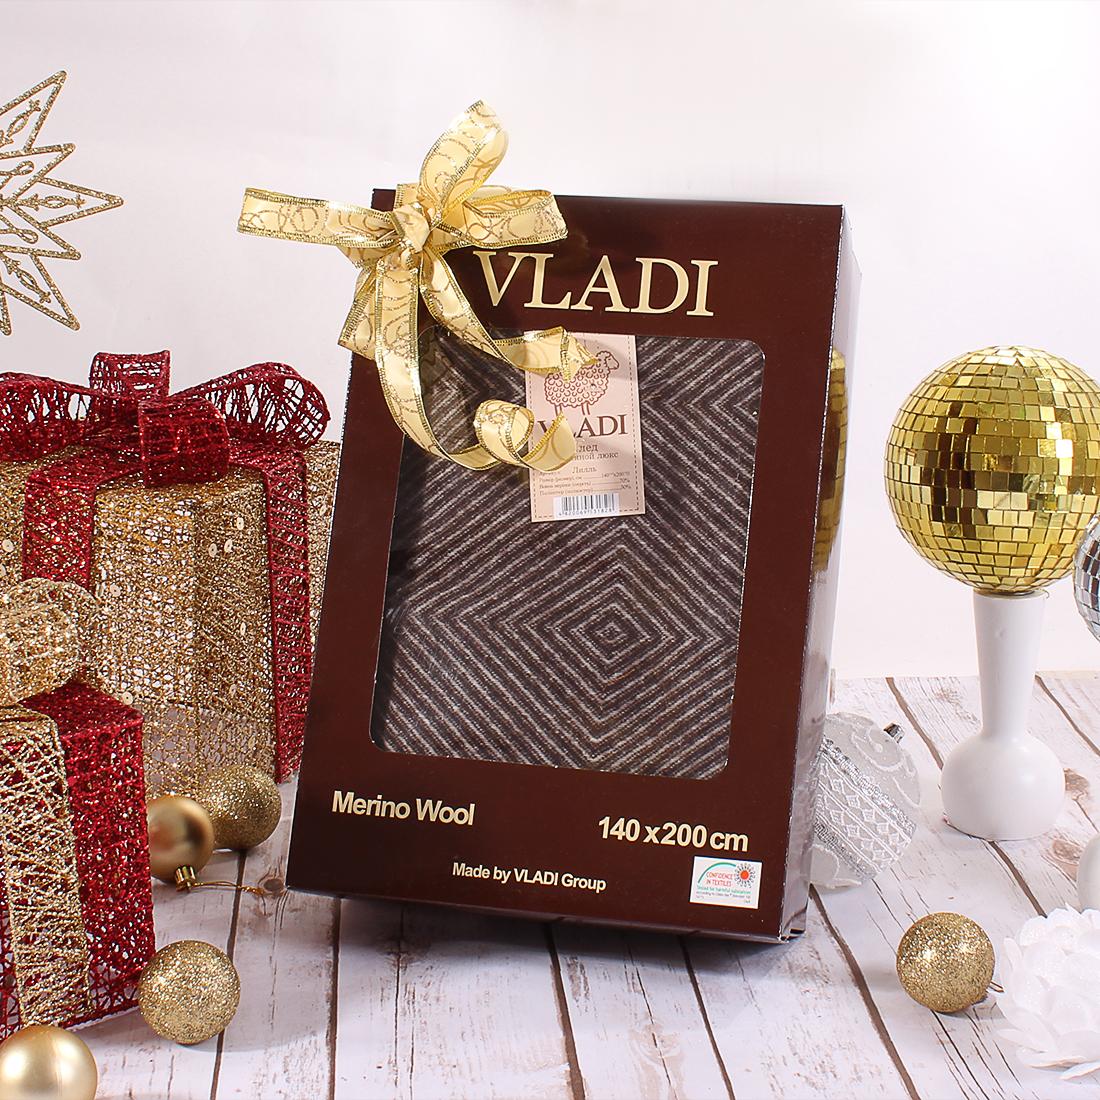 Купить Пледы и покрывала Vladi, Плед Лилль (140х200 см), Украина, Коричневый, Жаккард из шерсти мериноса